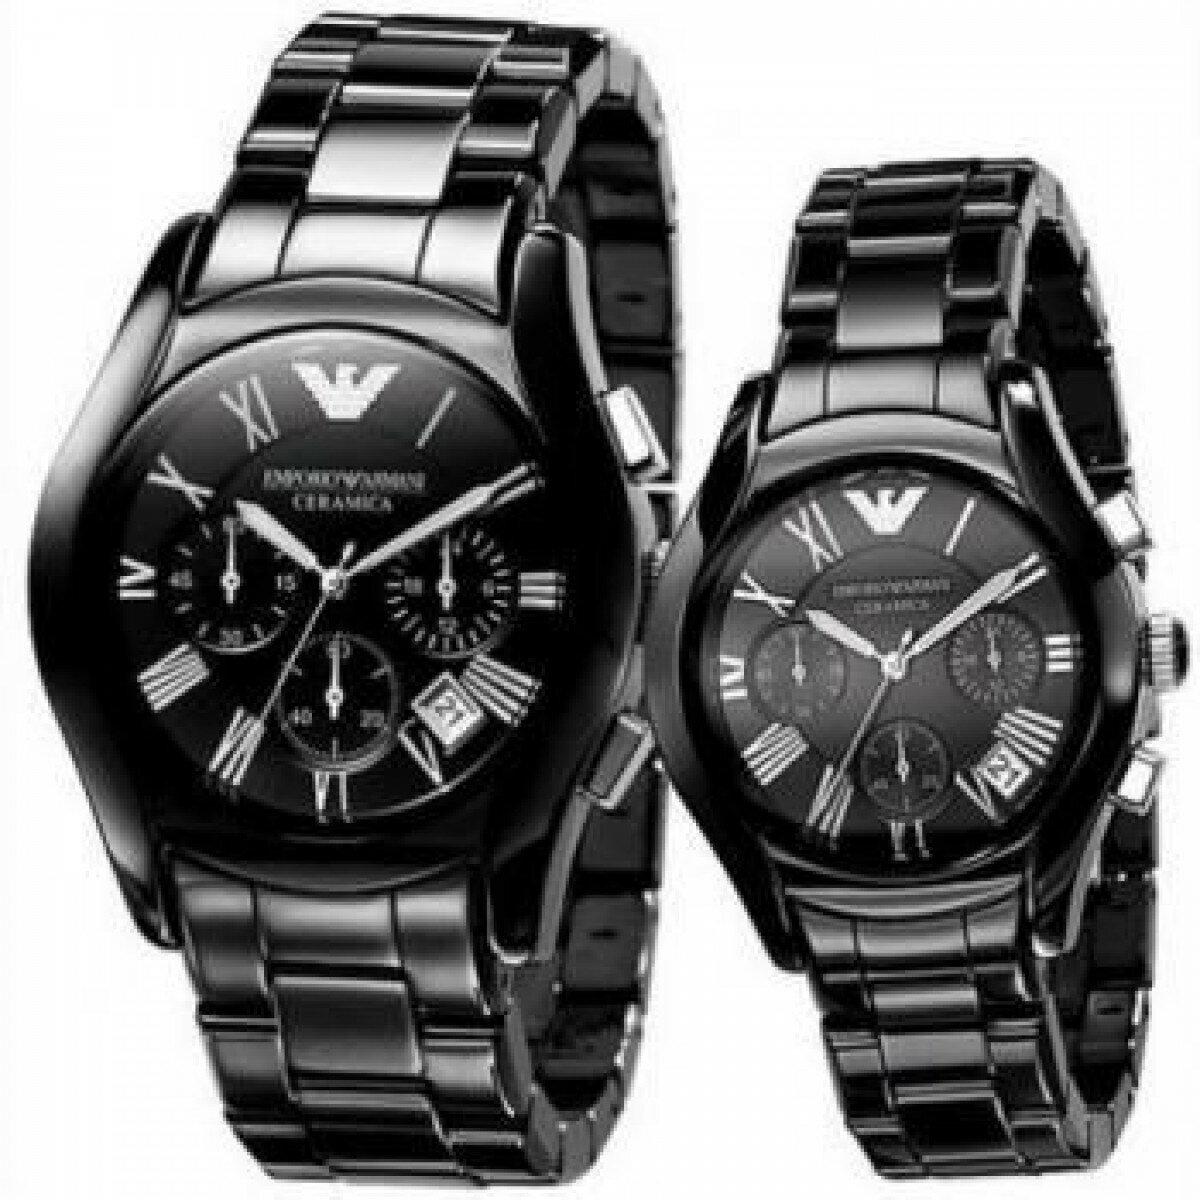 【ARMANI亞曼尼】經典陶瓷三眼計時腕錶\情侶款(AR1400\AR1401)-黑 0